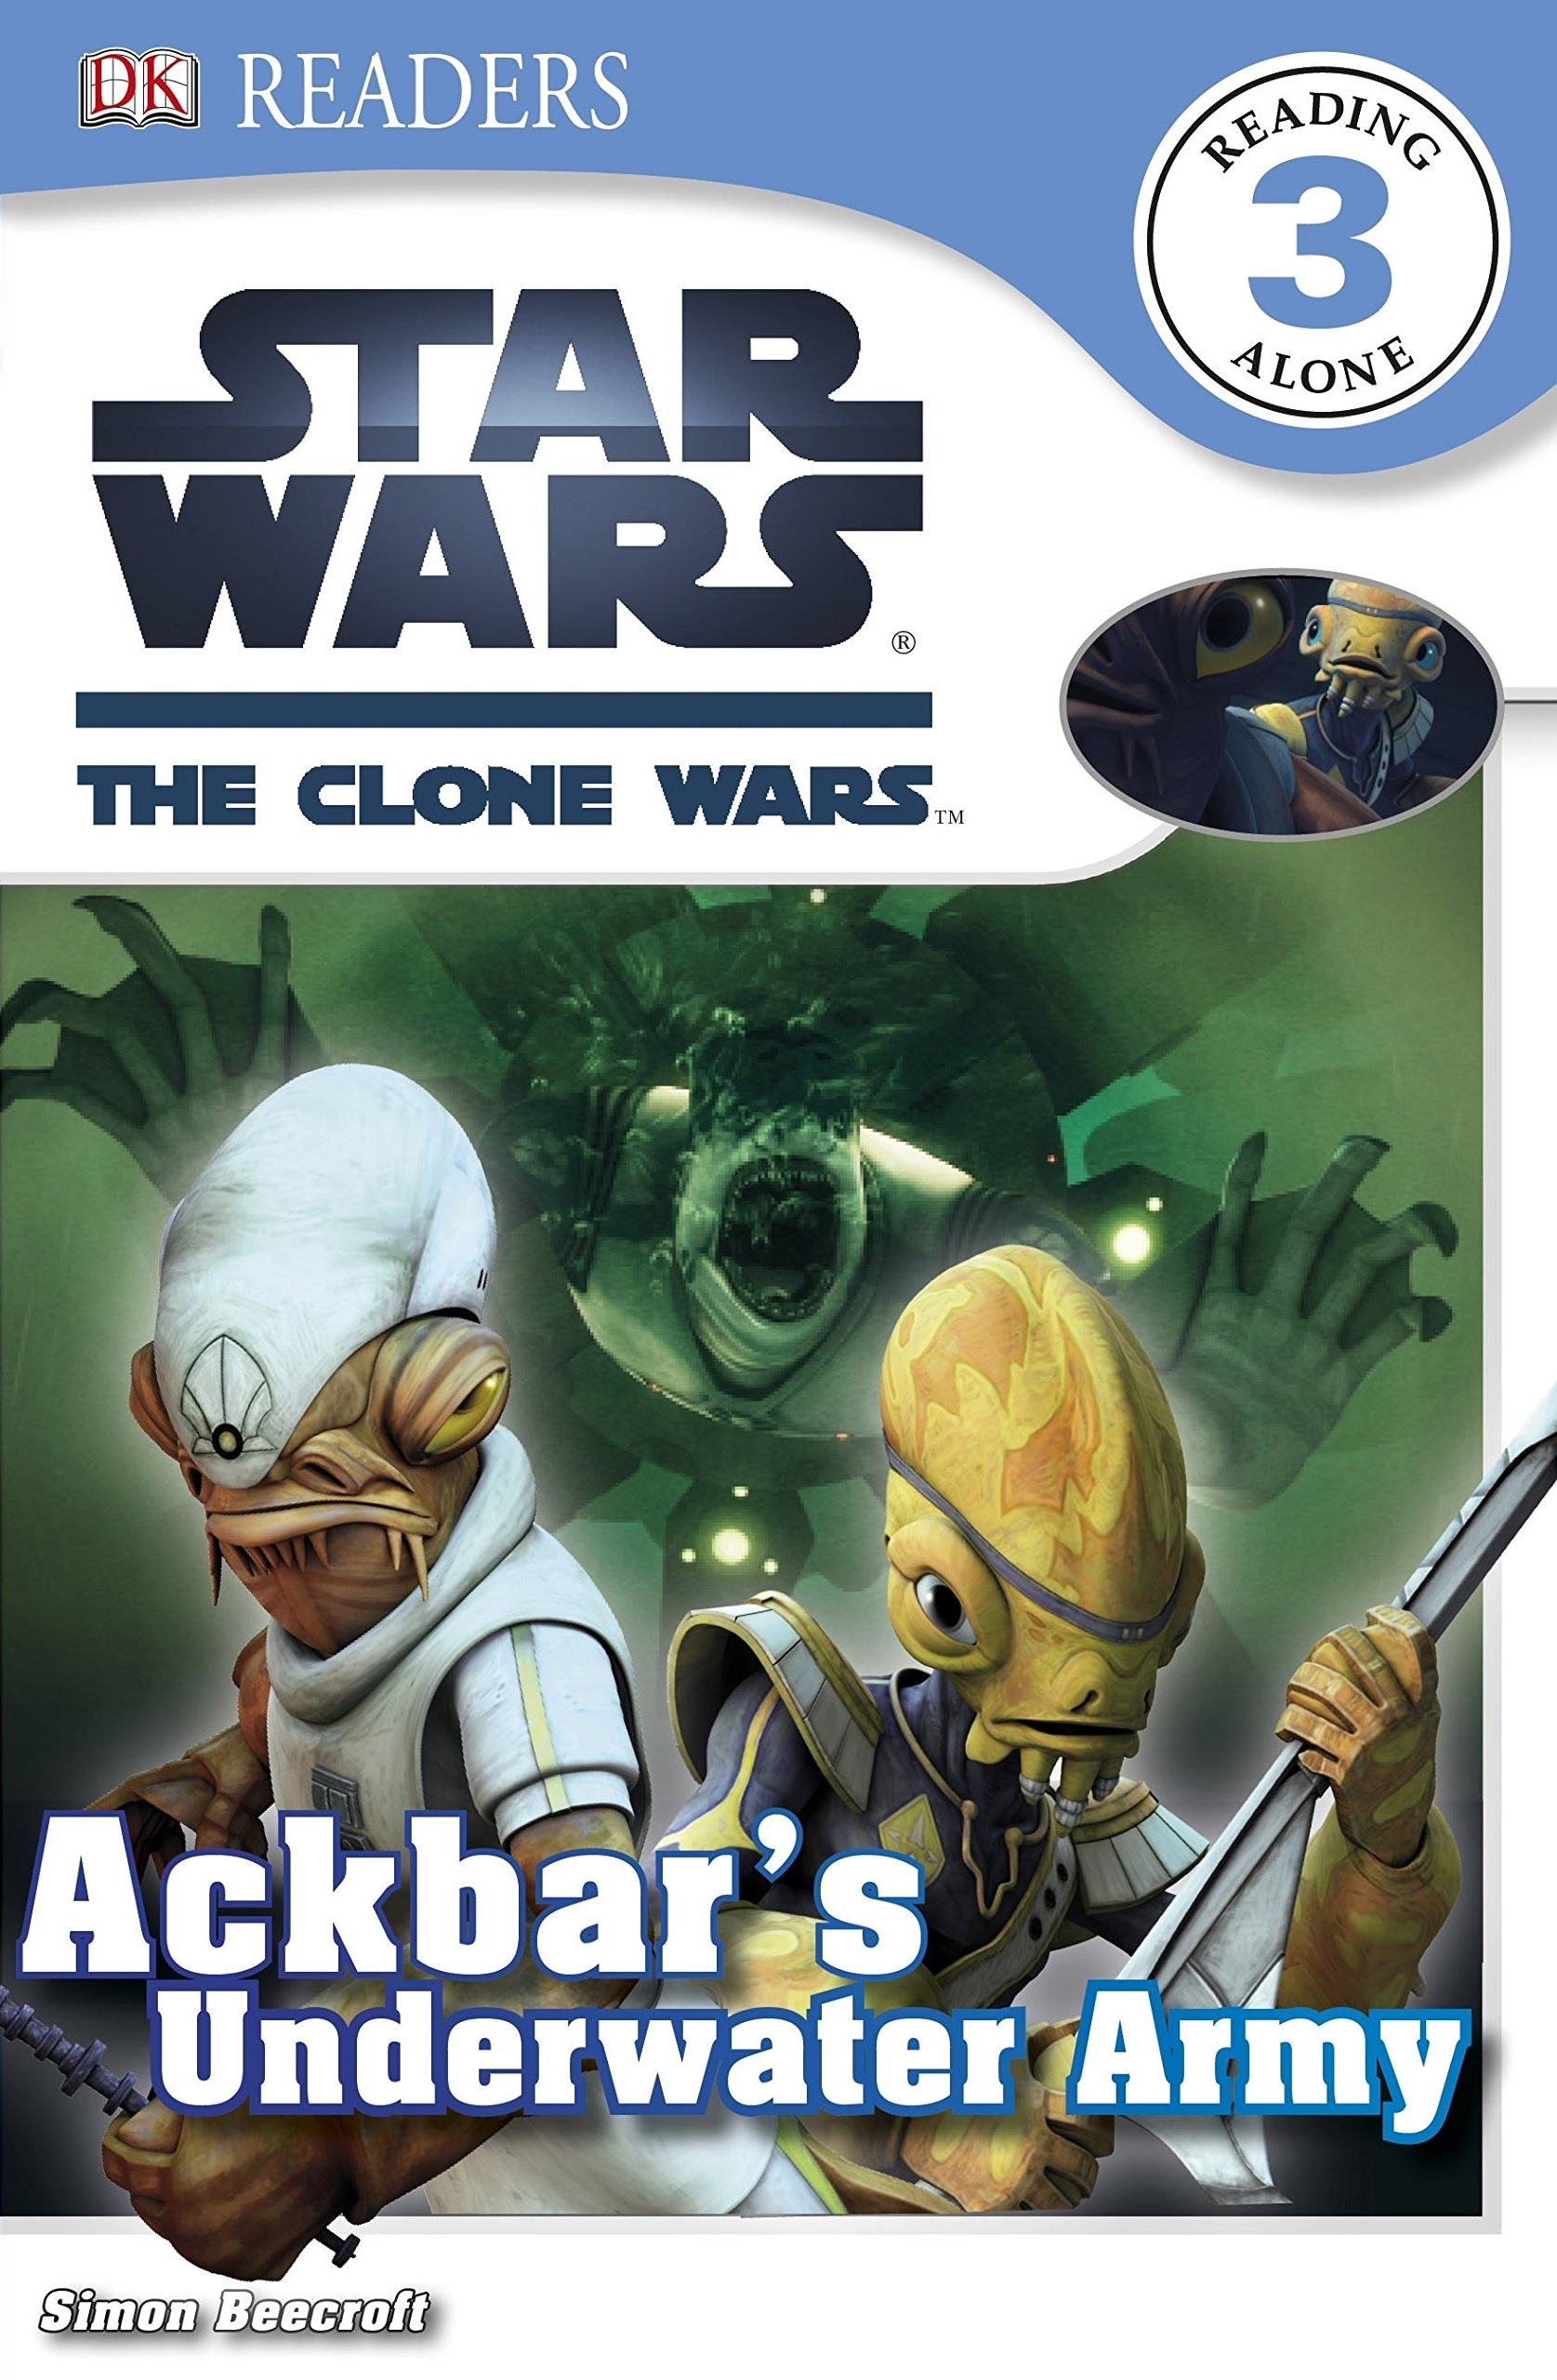 Star Wars The Clone Wars: Ackbar's Underwater Army